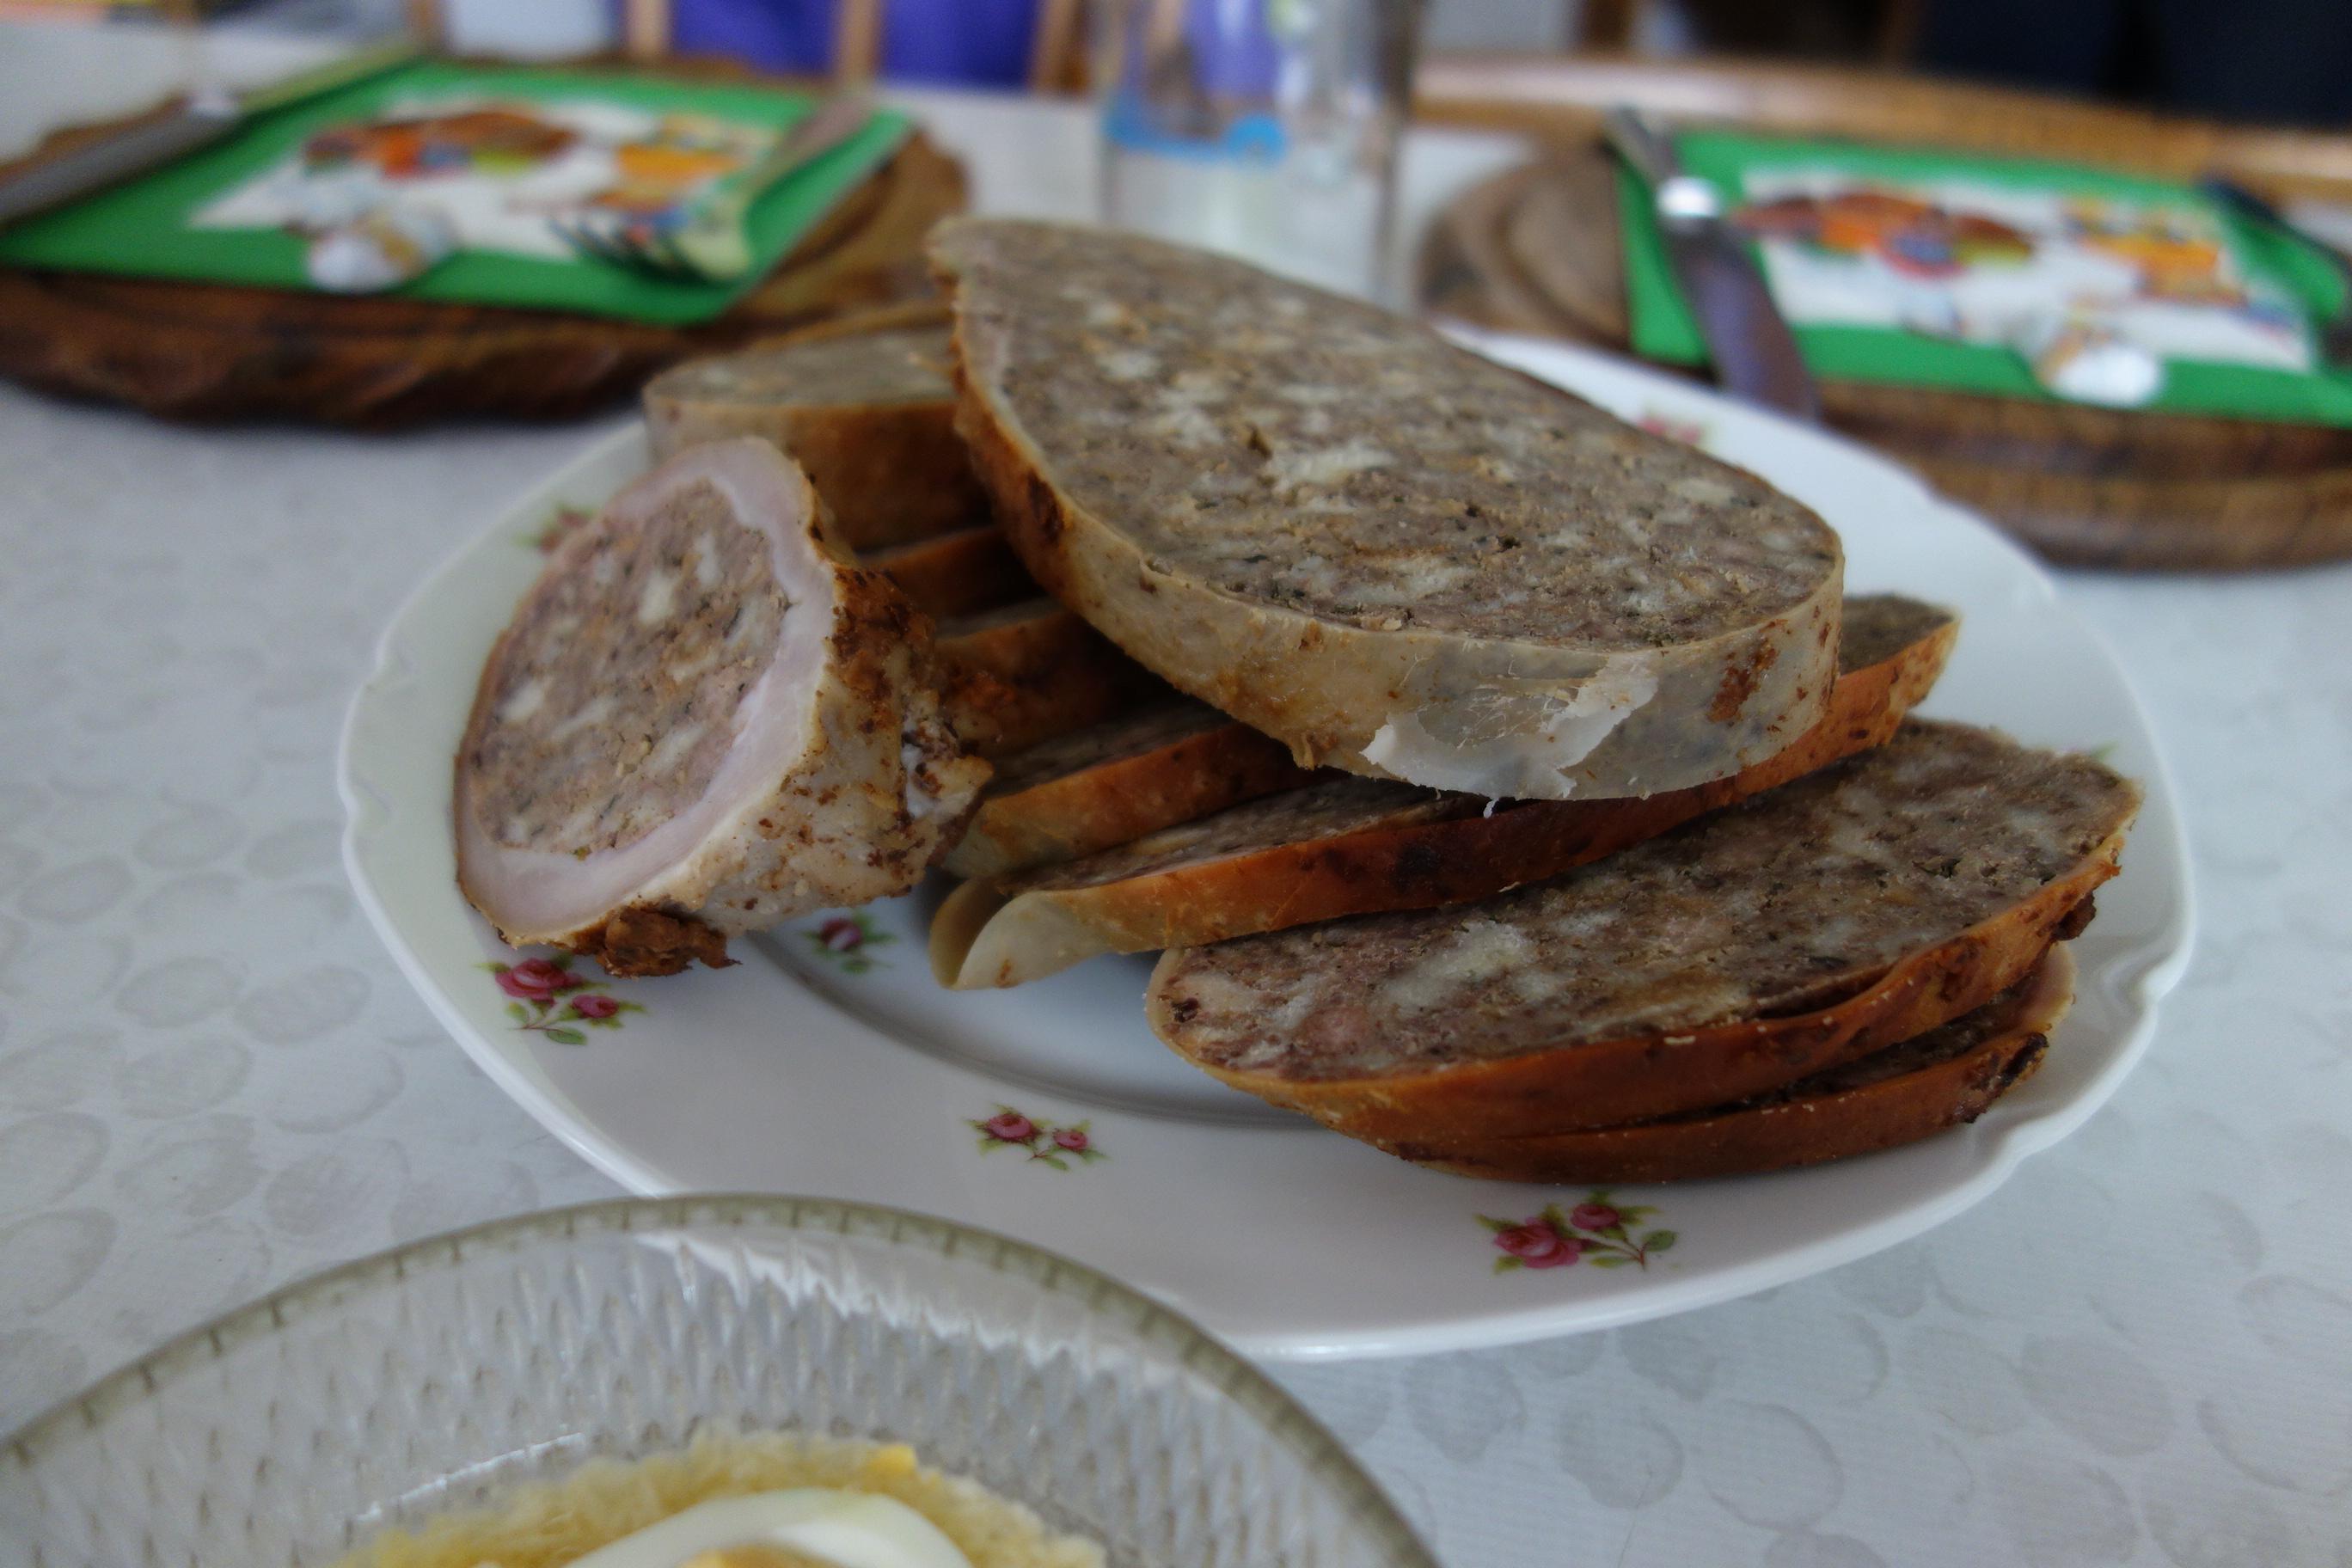 Was wäre Ostern ohne Fleischweihe, Eierkren, Osterschinken und Bula (Rosentaler Spezialität)! Po žegnu hitro domov in uživati šunko, hren, jajca, šunko in bulo!